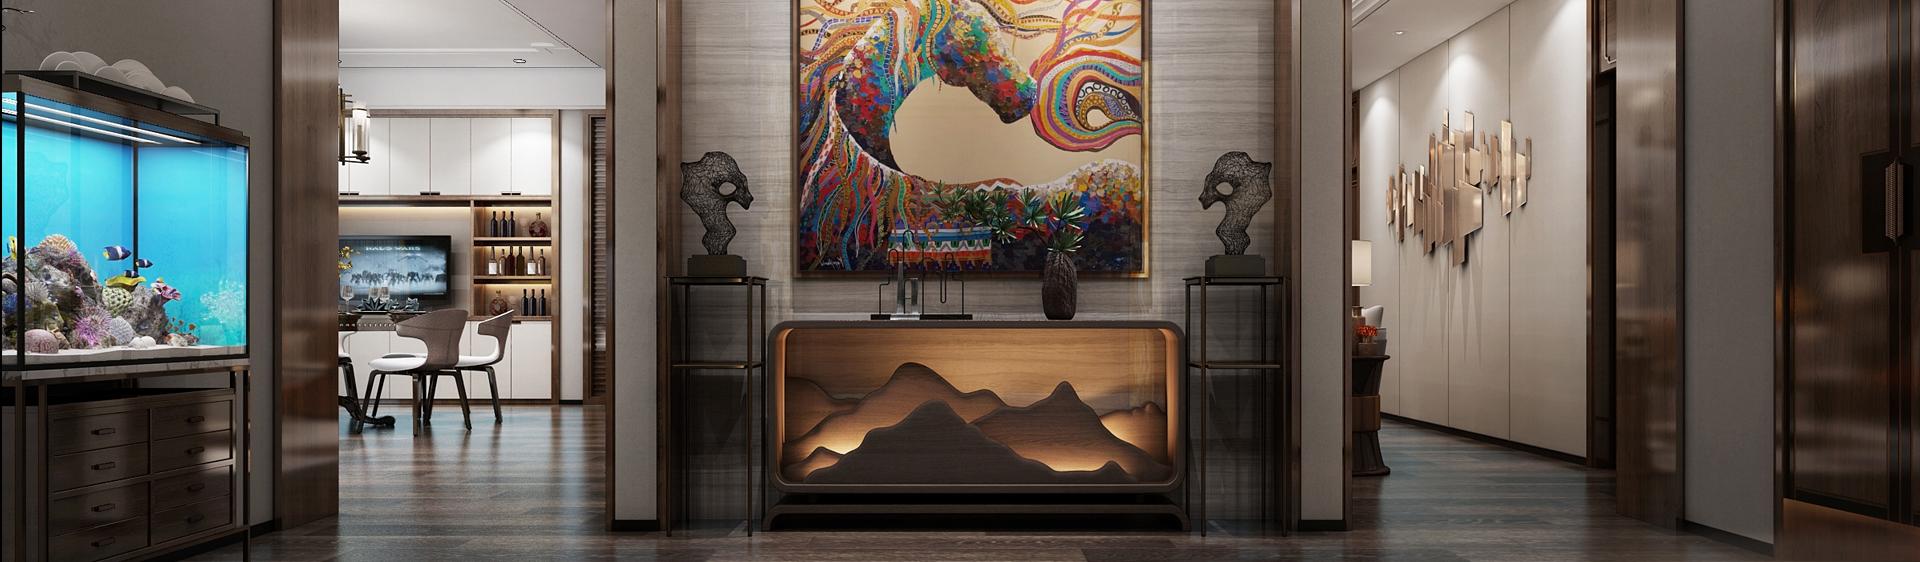 中式别墅门厅玄关 中式背景墙 中式装饰柜3D模型下载